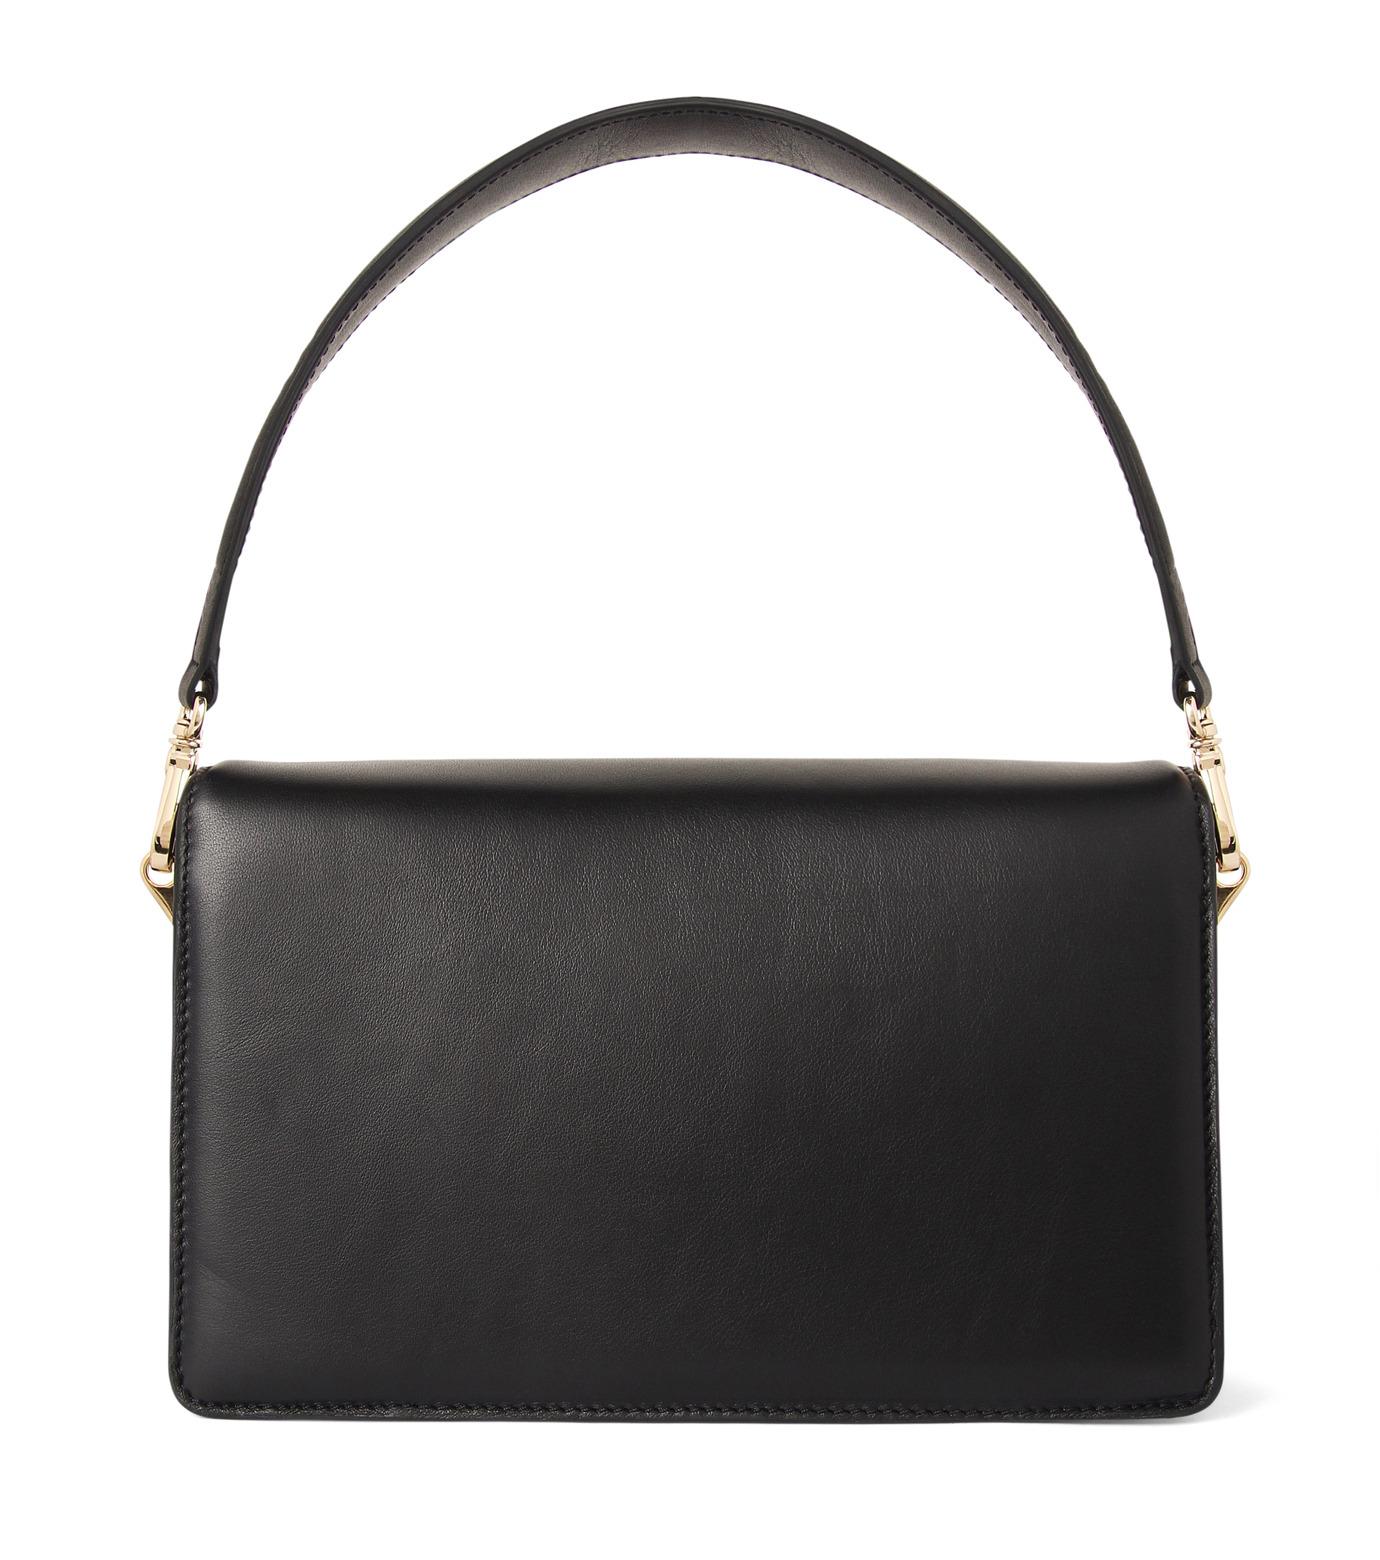 J.W.Anderson(ジェイダブリュー アンダーソン)のLogo Purse-BLACK(ハンドバッグ/hand bag)-HB03615-13 拡大詳細画像3